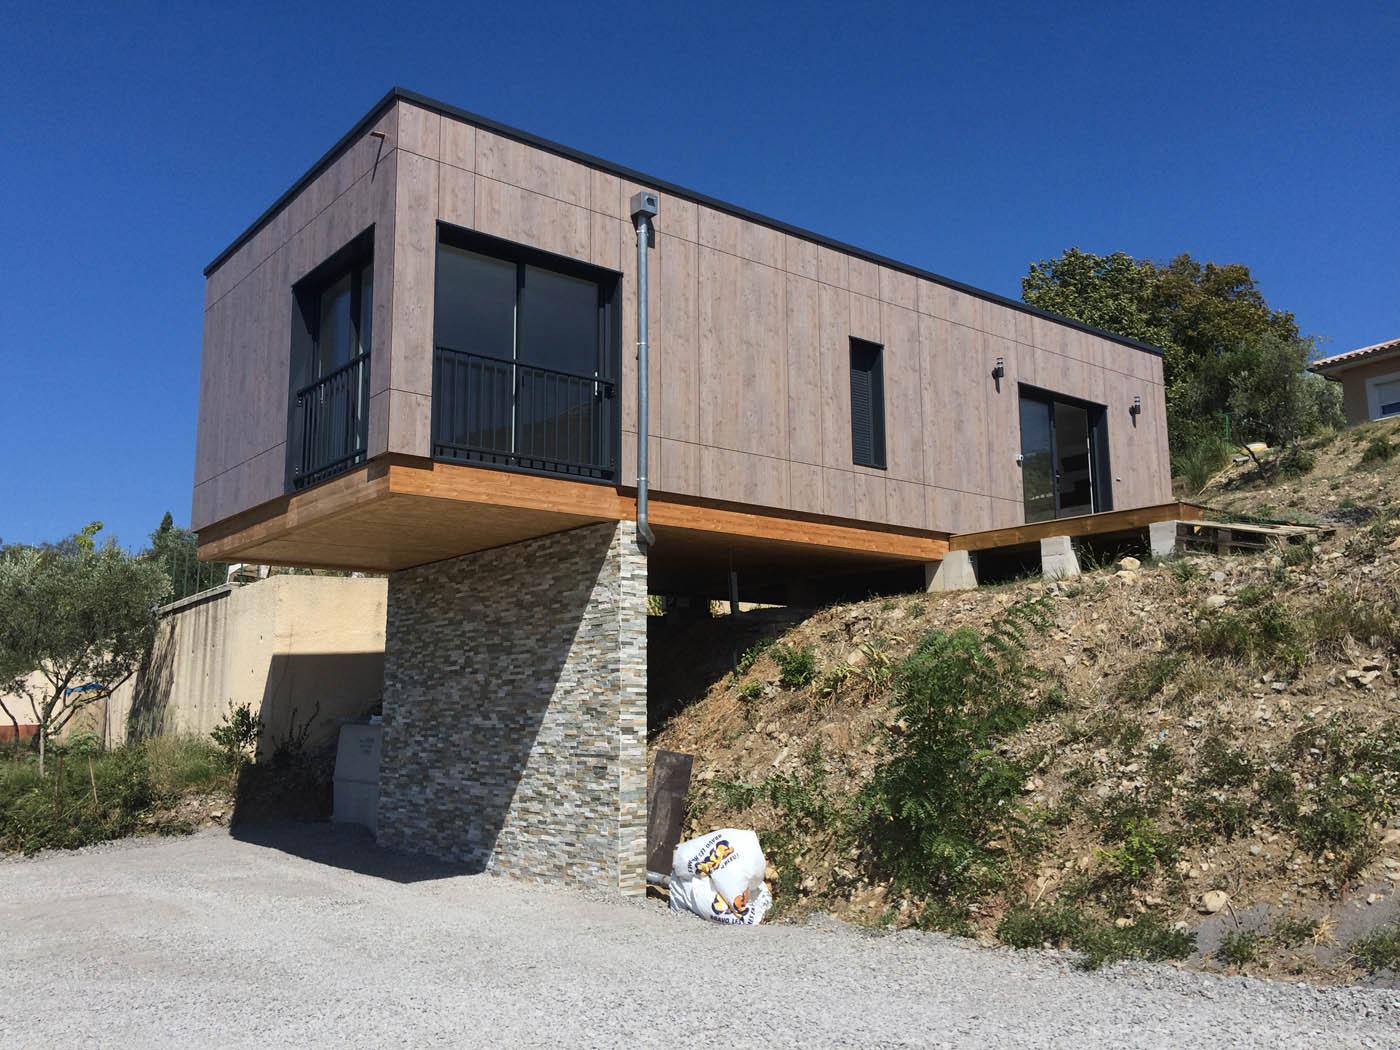 Maison bois aubenas ventana blog for Constructeur de maison en bois en drome ardeche